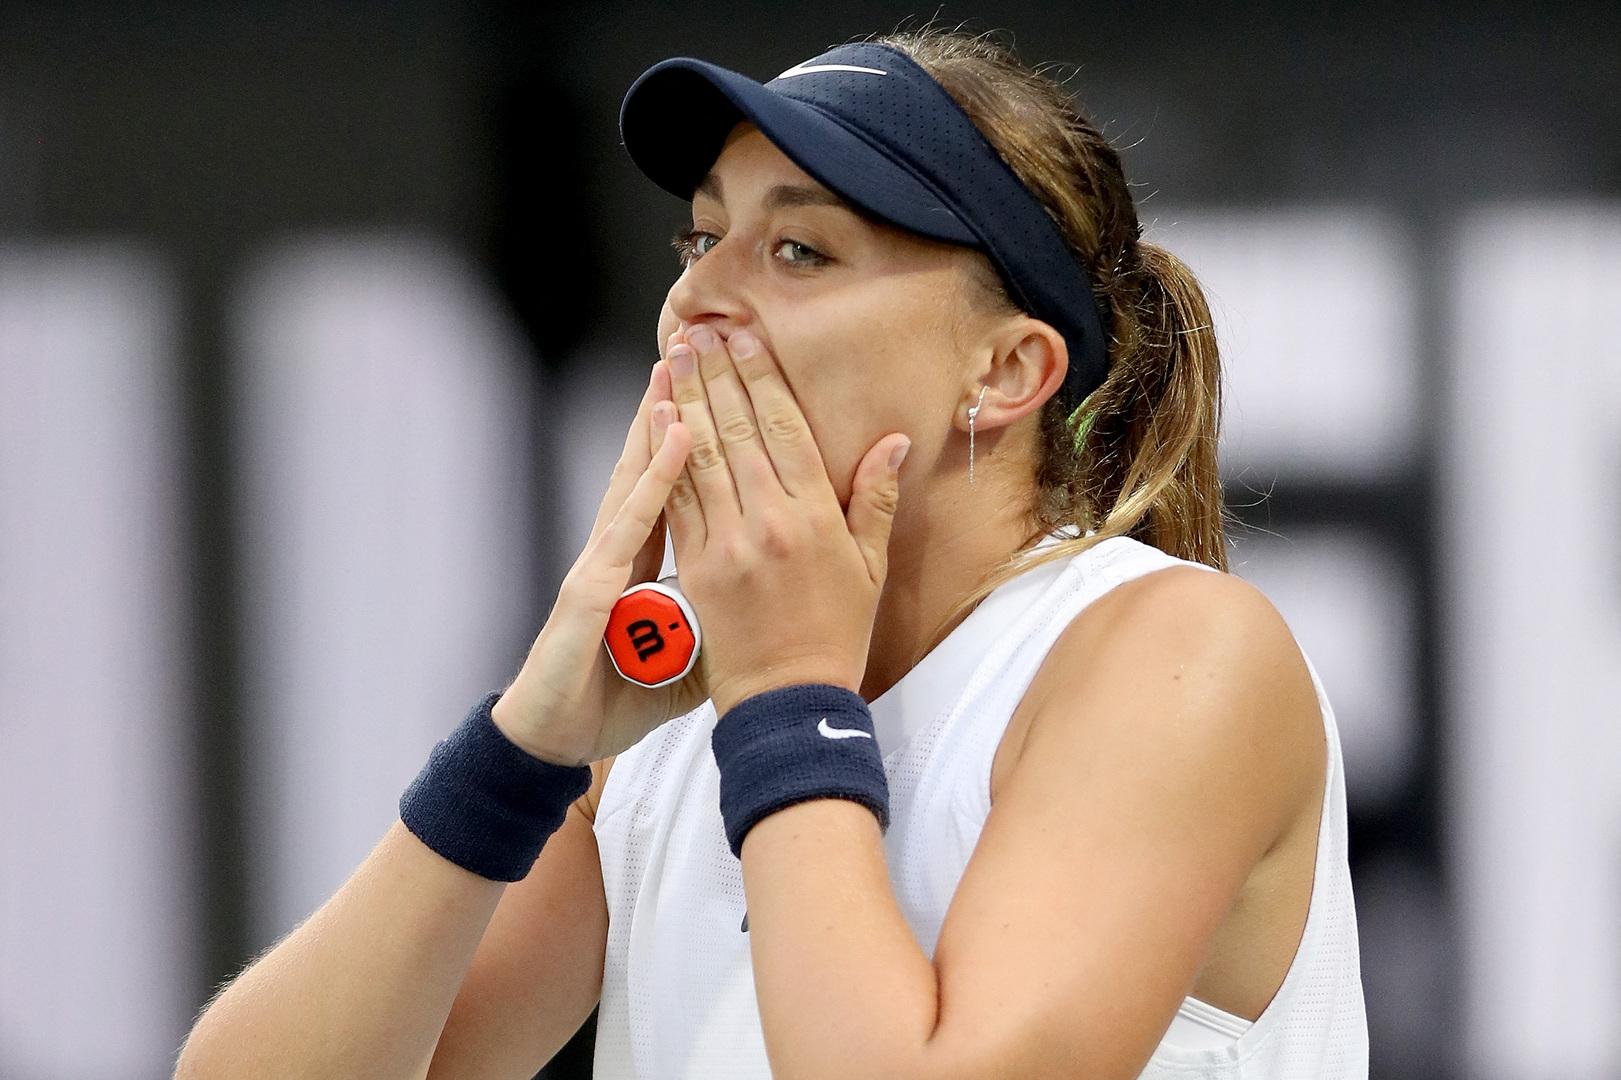 لاعبة تنس مغمورة تحقق مفاجأة دورة تشارلستون الأمريكية للتنس (فيديو)